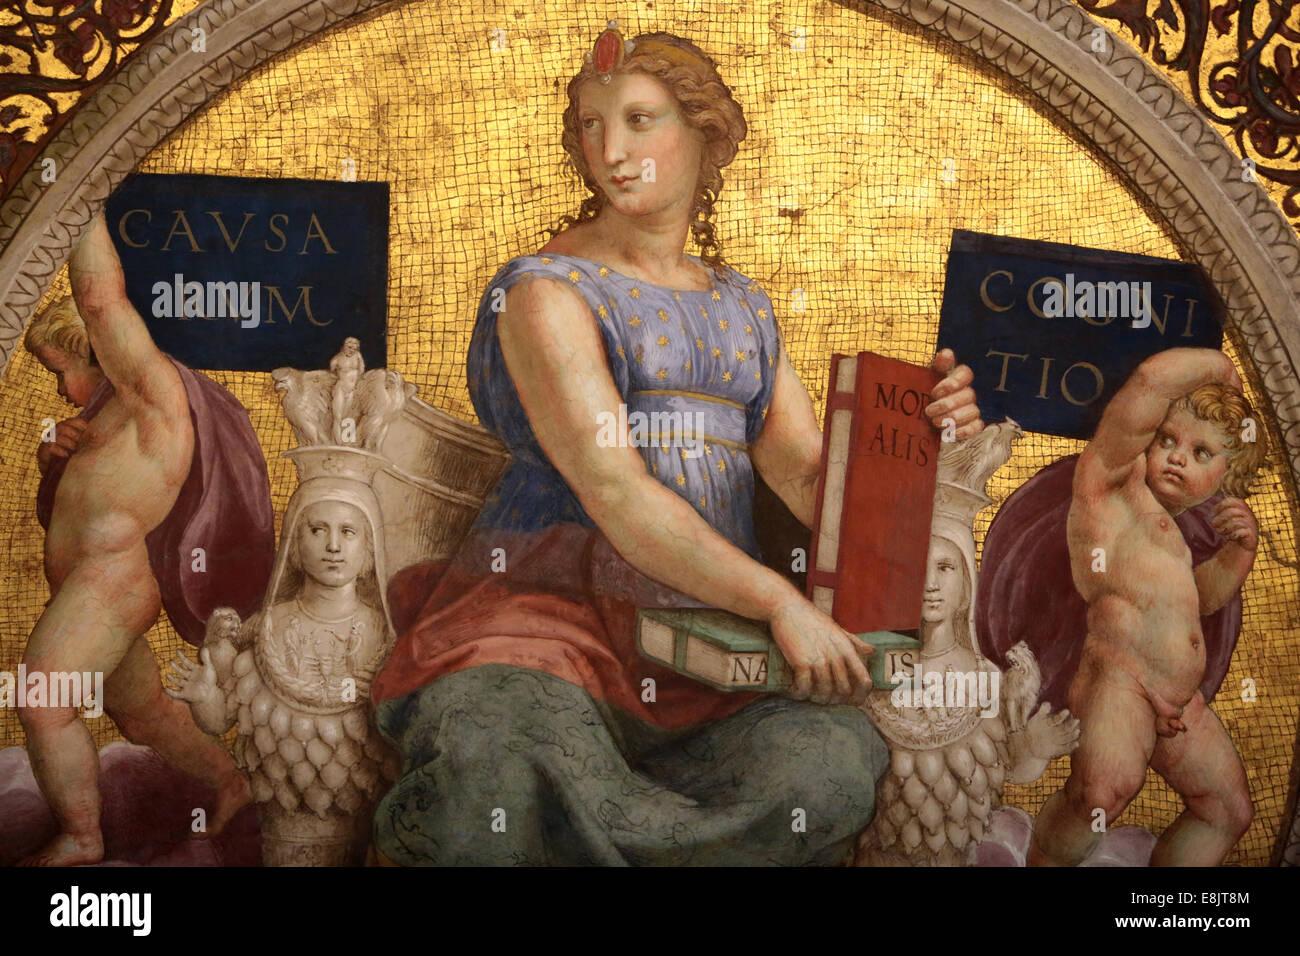 La connaissance des causes. Musée du Vatican. Photo Stock